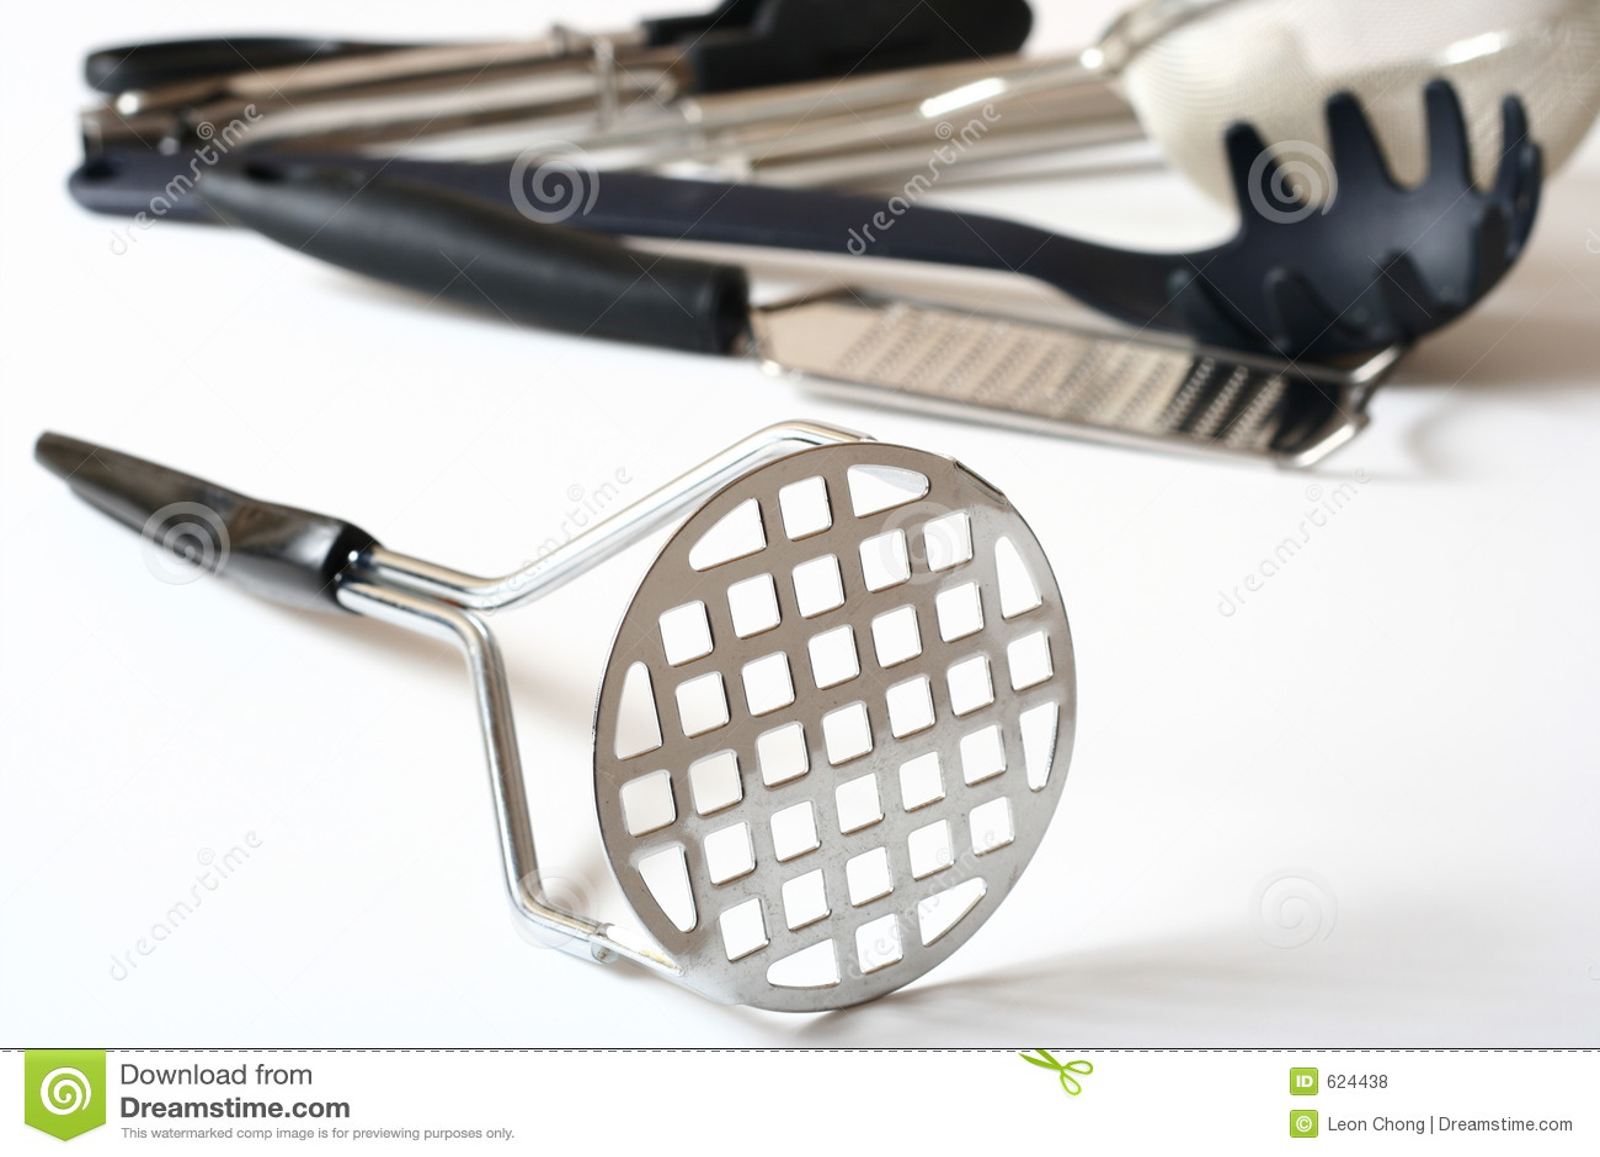 Kitchen Utensil Potato Masher